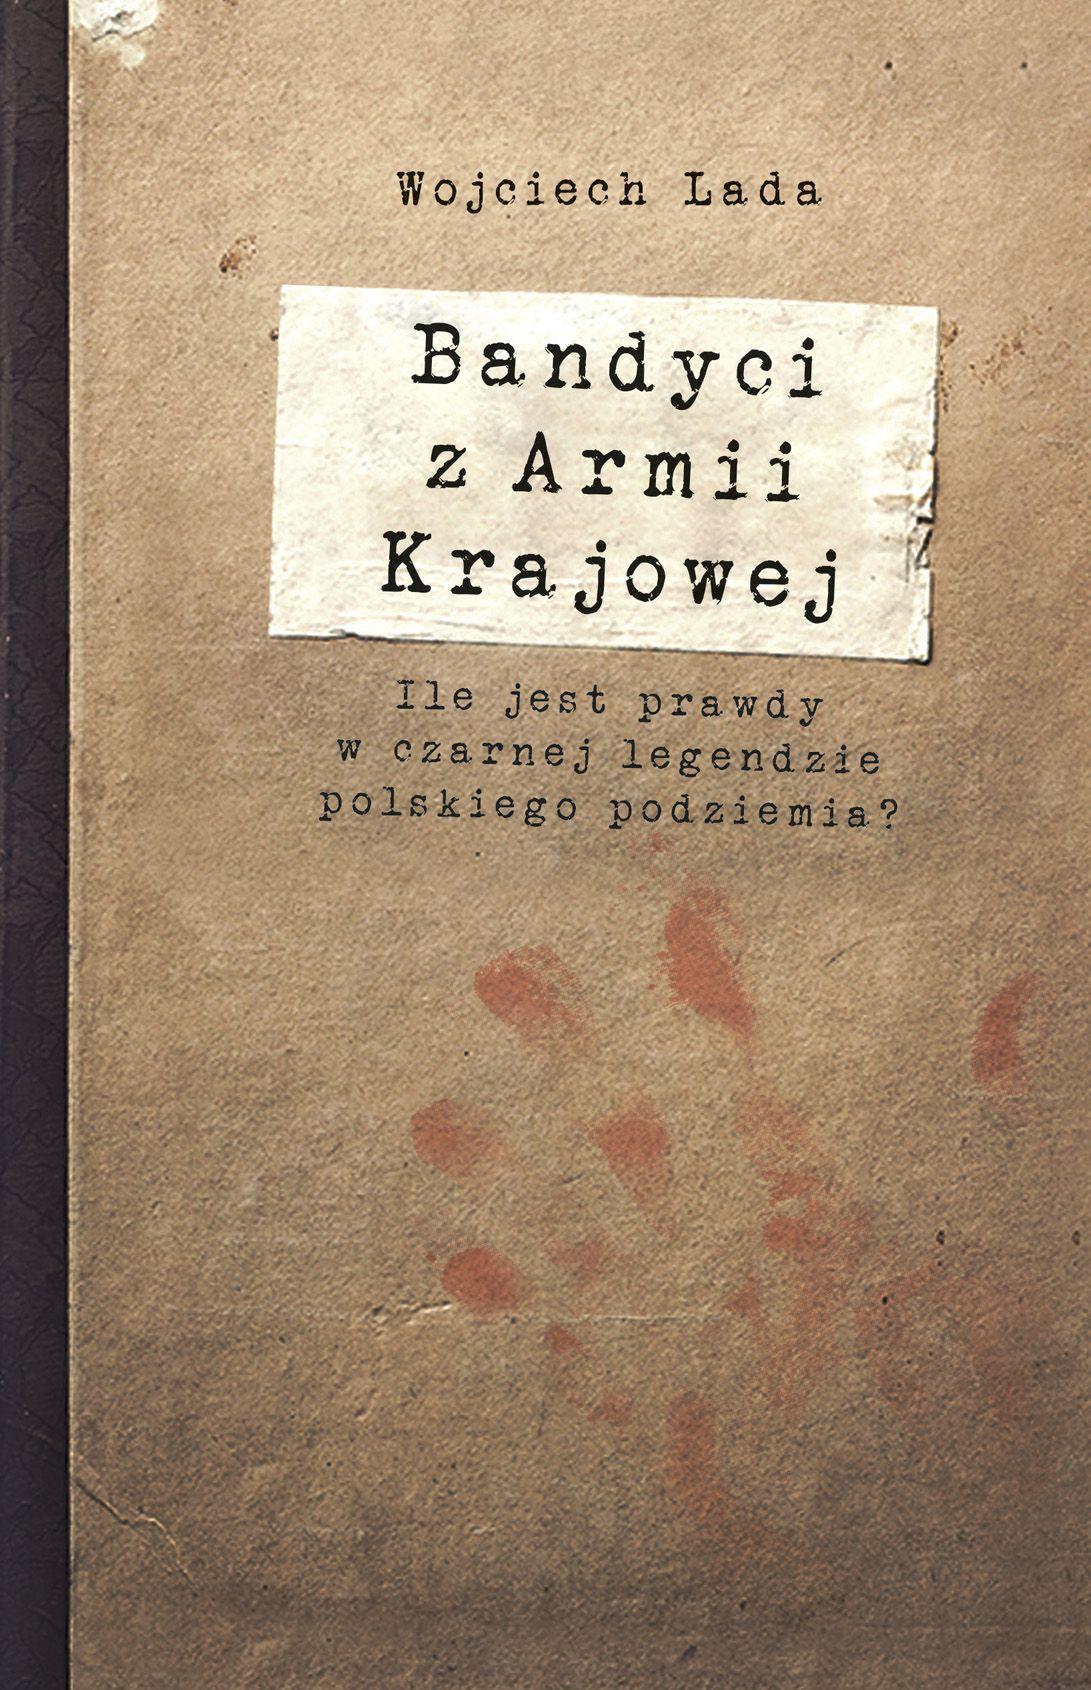 """Artykuł stanowi fragment książki Wojciecha Lady """"Bandyci z Armii Krajowej"""", która została wydana nakładem wydawnictwa Znak Horyzont."""